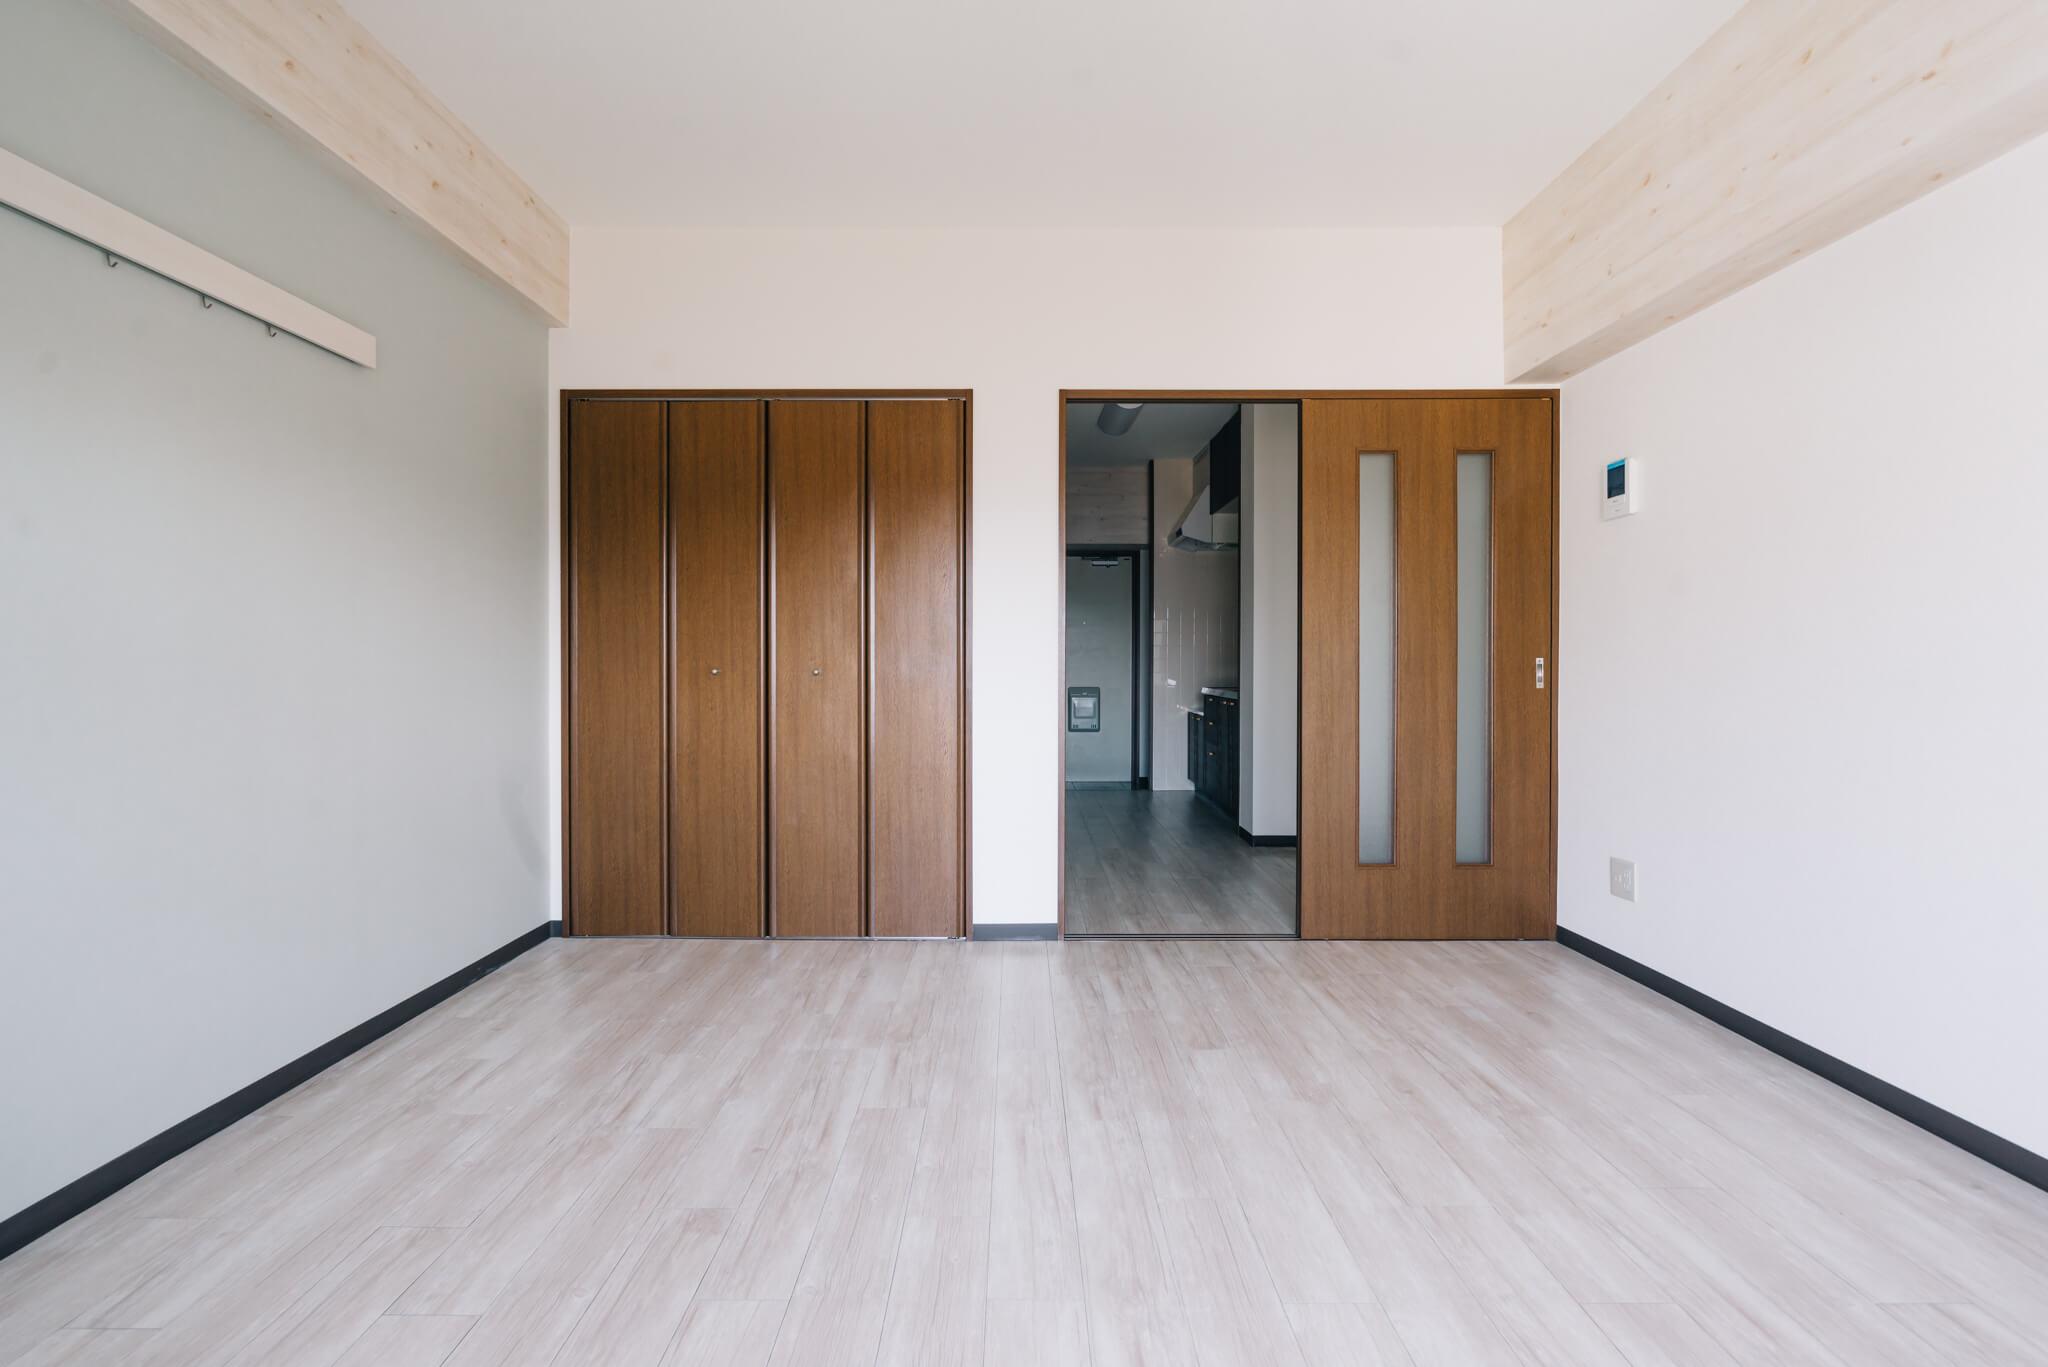 見せていただいた、クラストの物件。お部屋は少し広めにつくってあり、たとえば1Kタイプのお部屋では30平米前後のものが多く、かなりゆったりとしています。